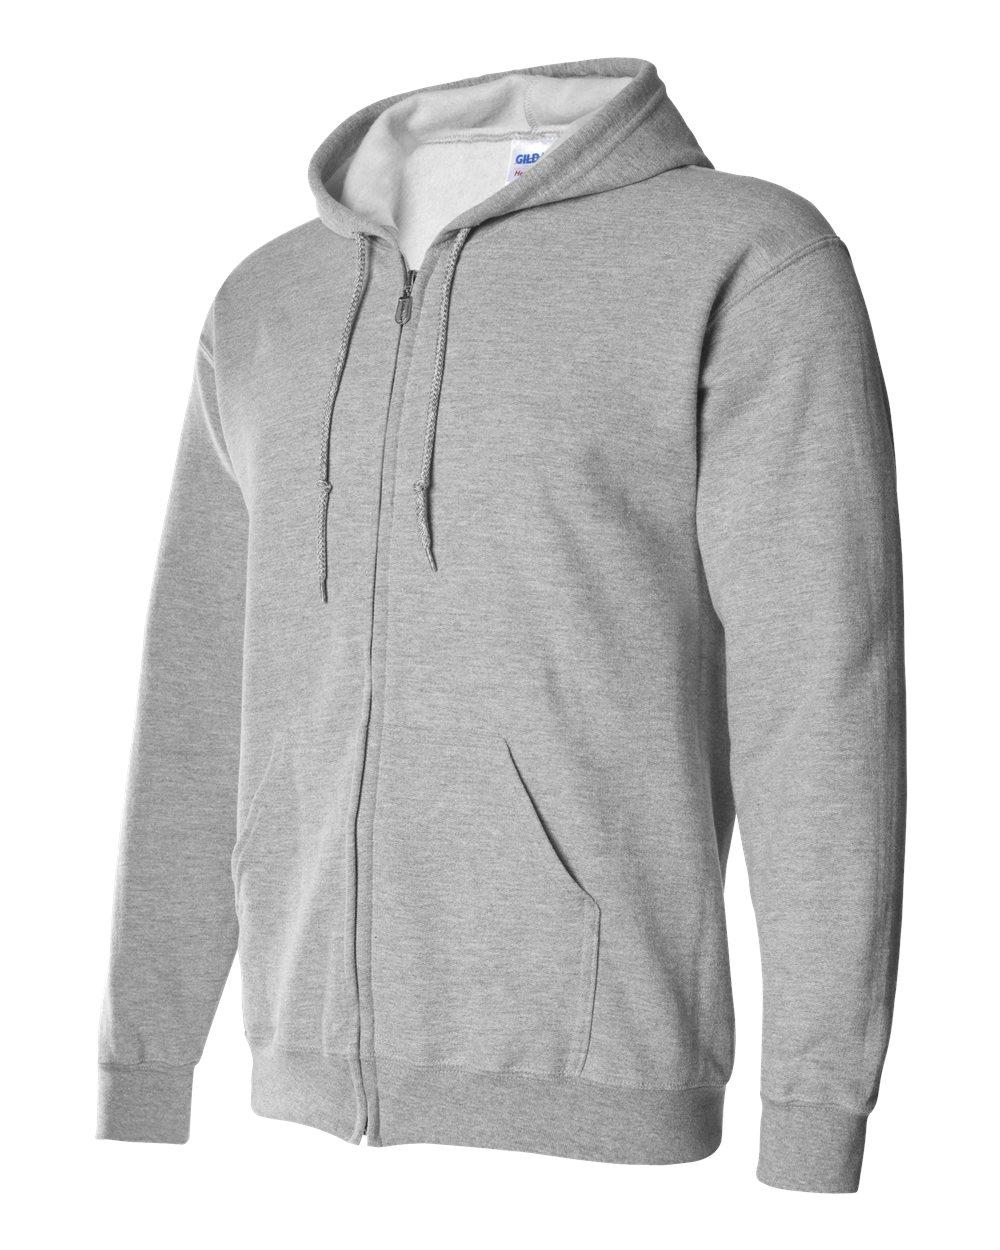 GIL18600 Sports Grey